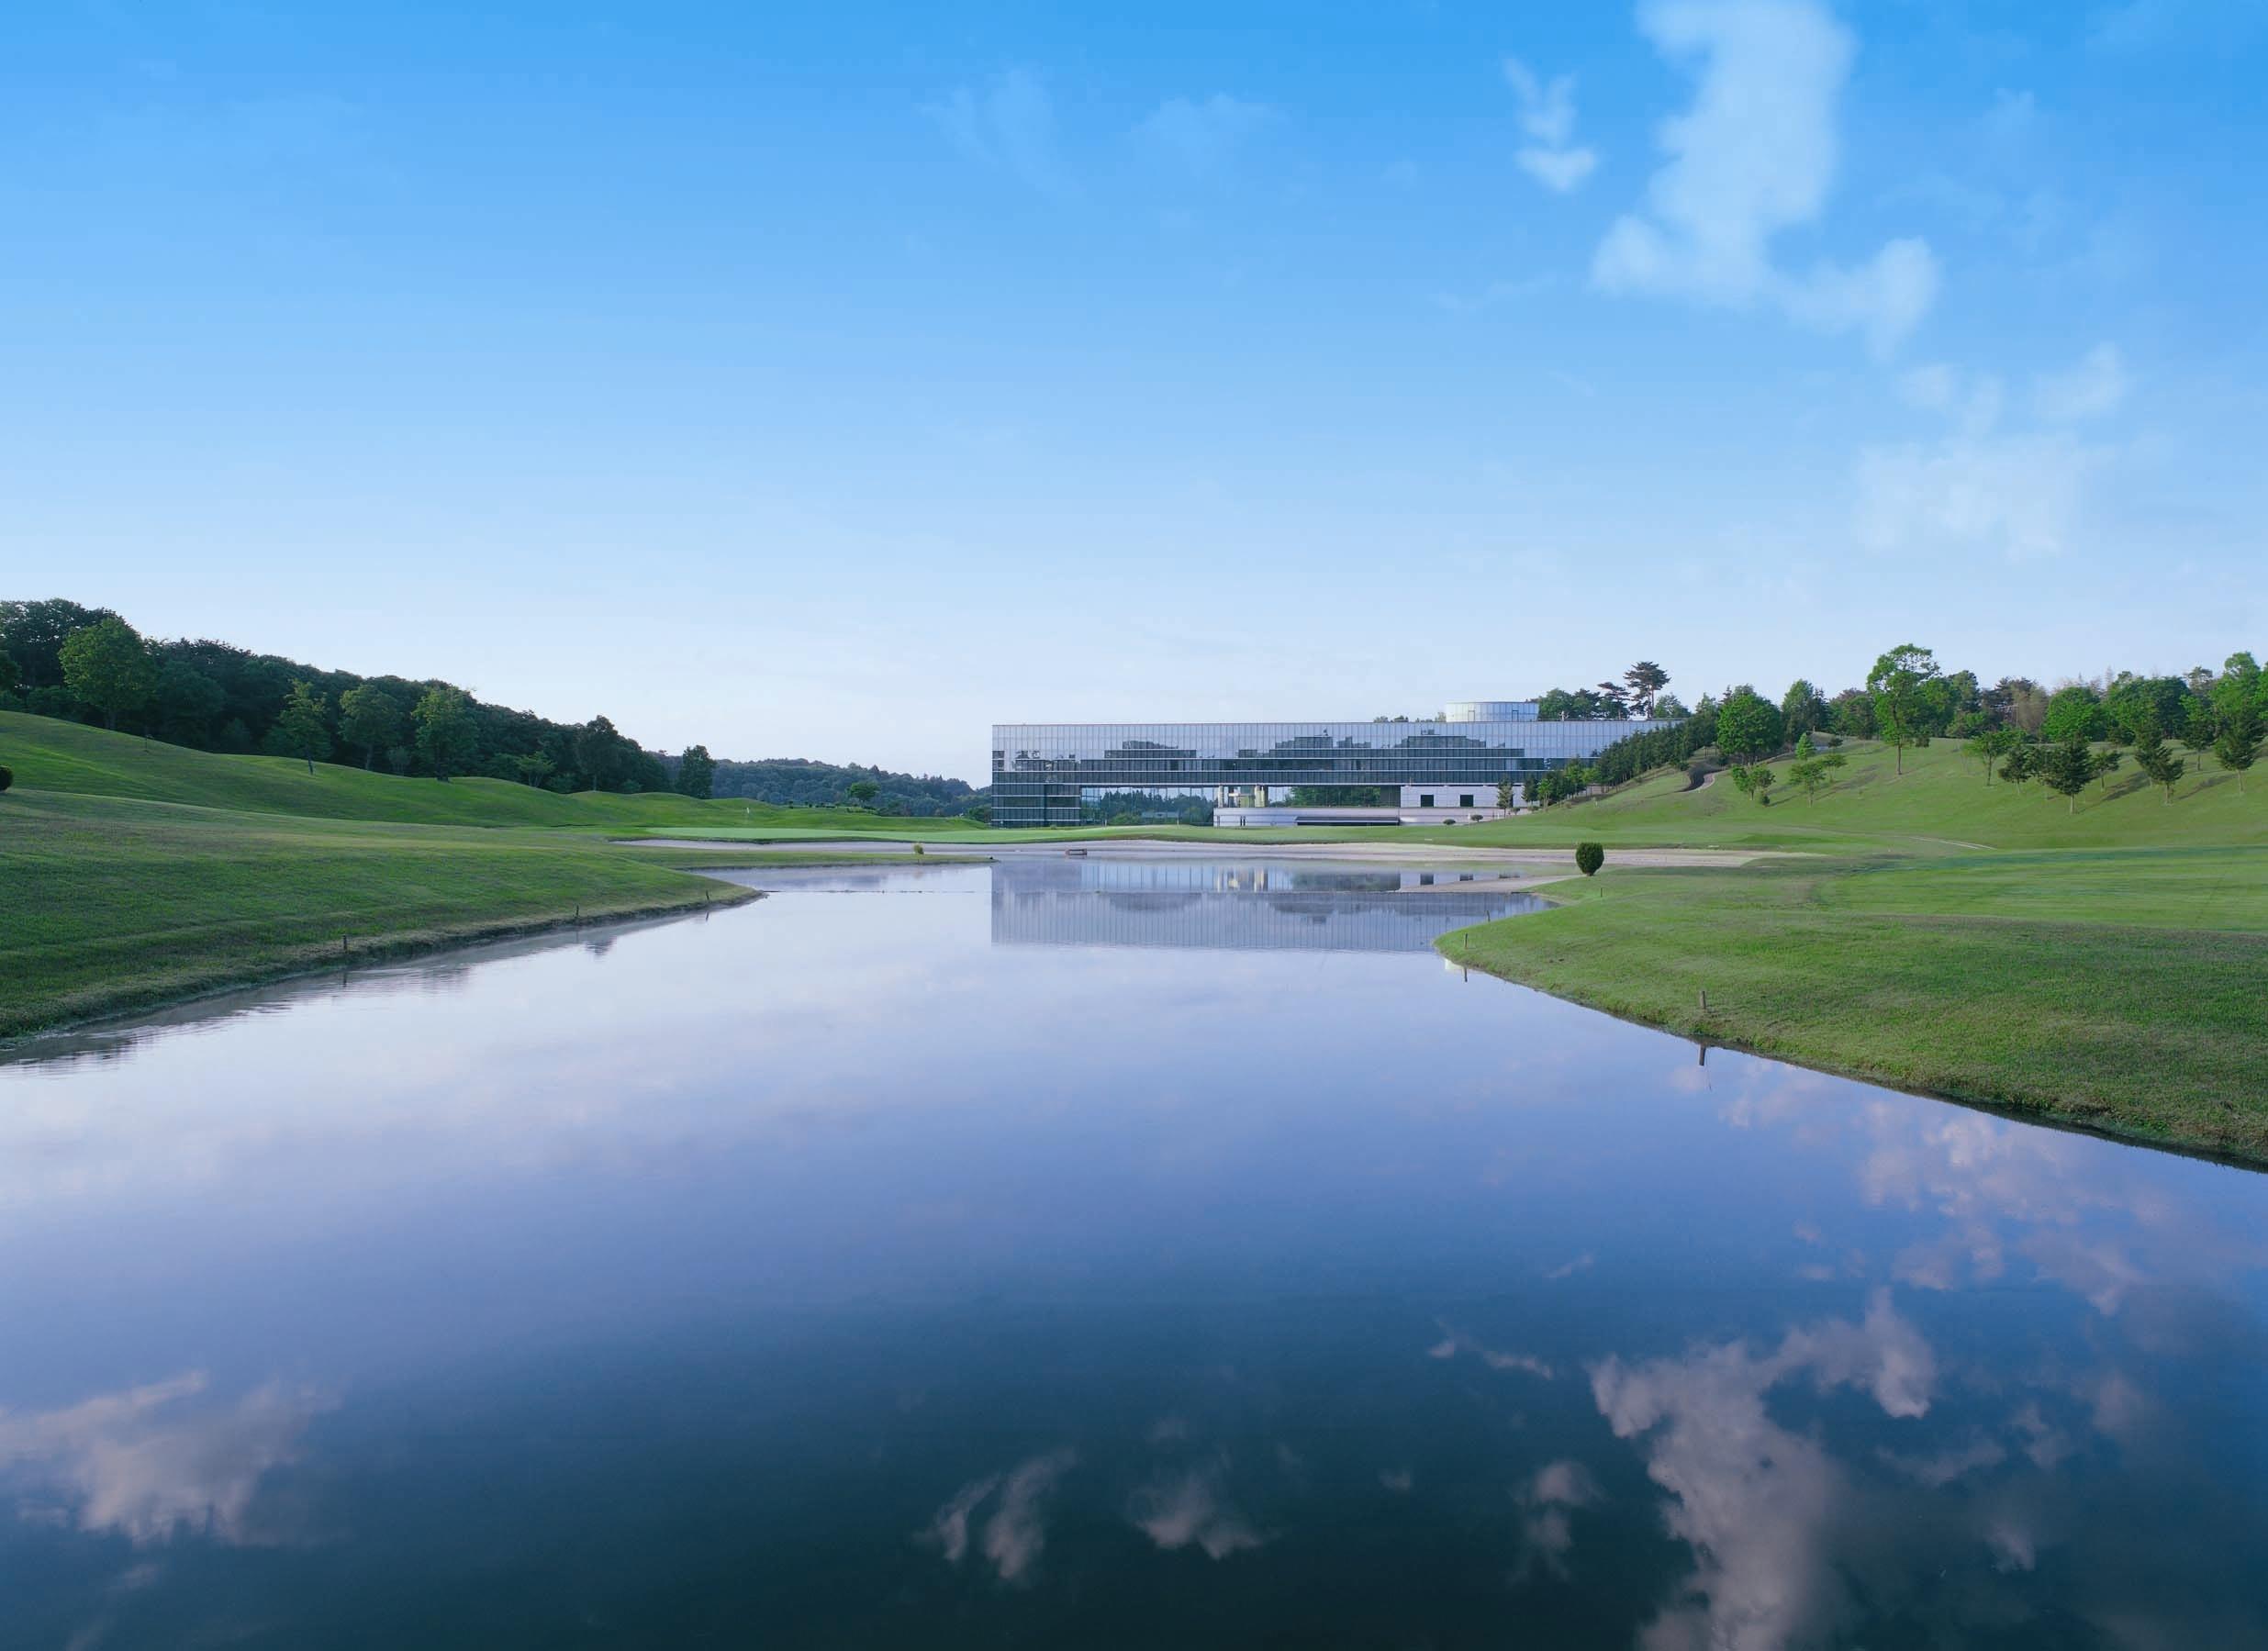 栃木県・ベルセルバカントリークラブさくらコース(栃木県)